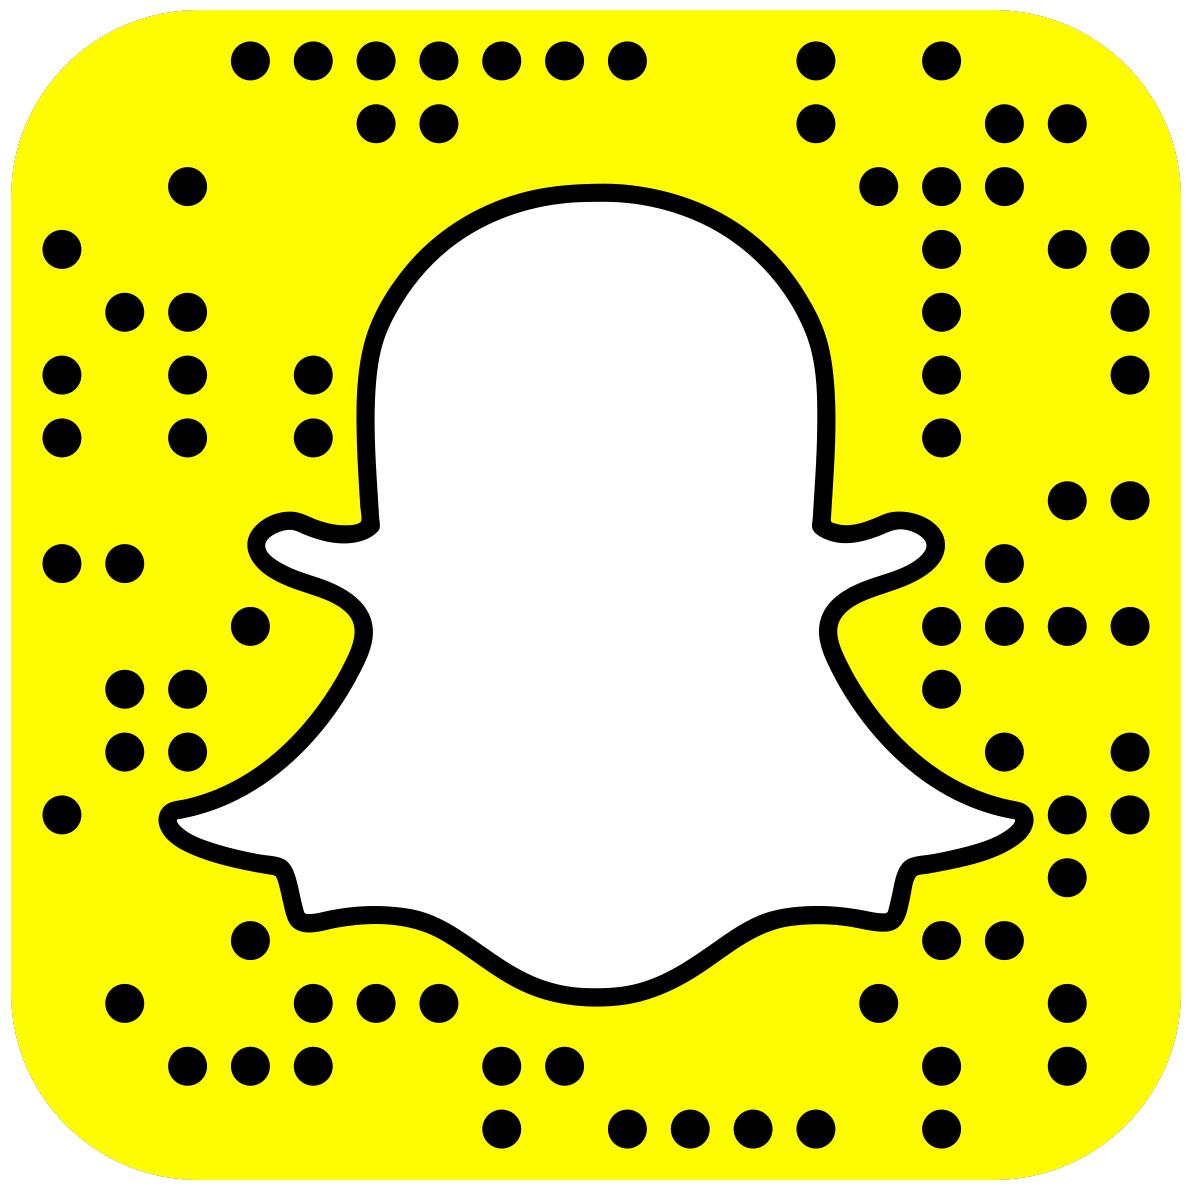 KJ Apa Snapchat username